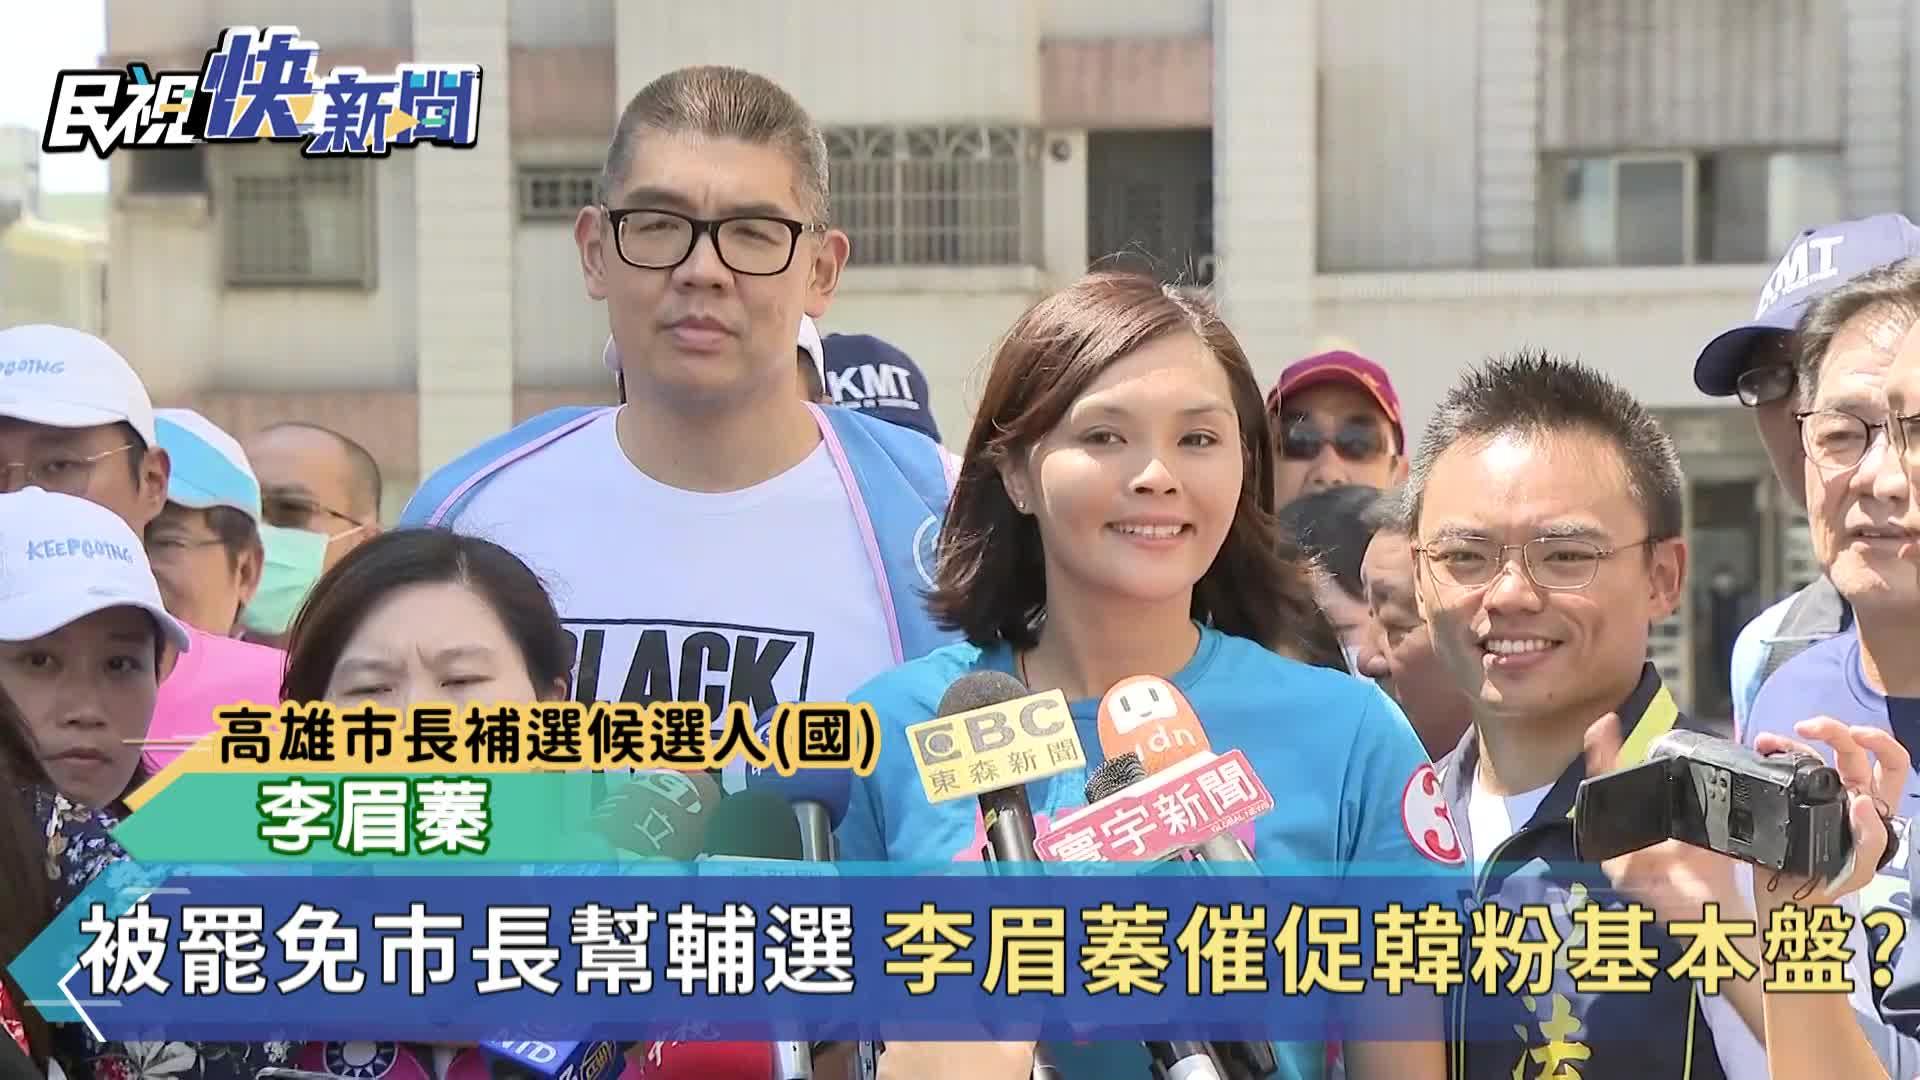 快新聞/韓國瑜選前之夜站台恐成「雙面刃」 連勝文:他是雙節棍!打別人不打自己